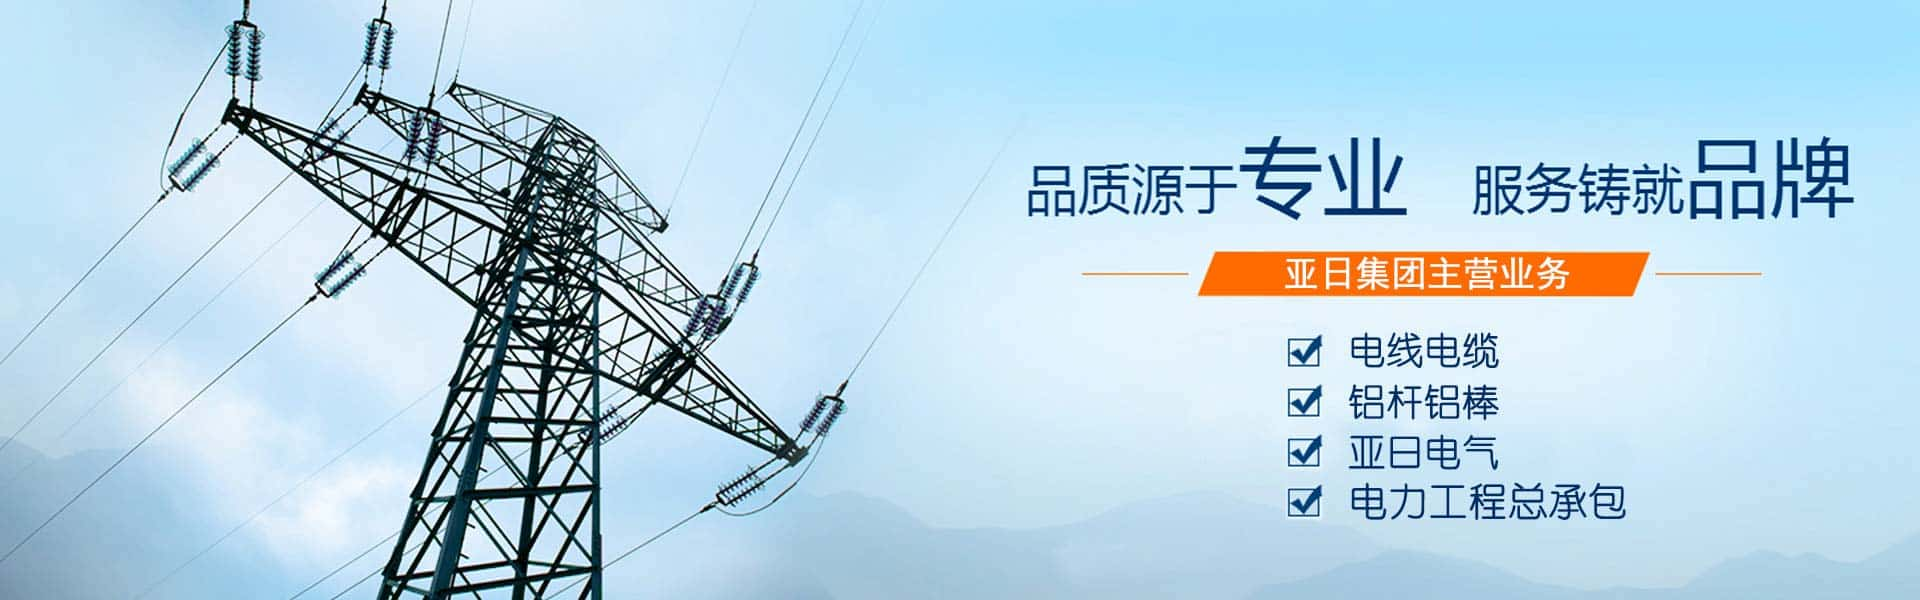 洛陽亞日電力科技集團有限公司